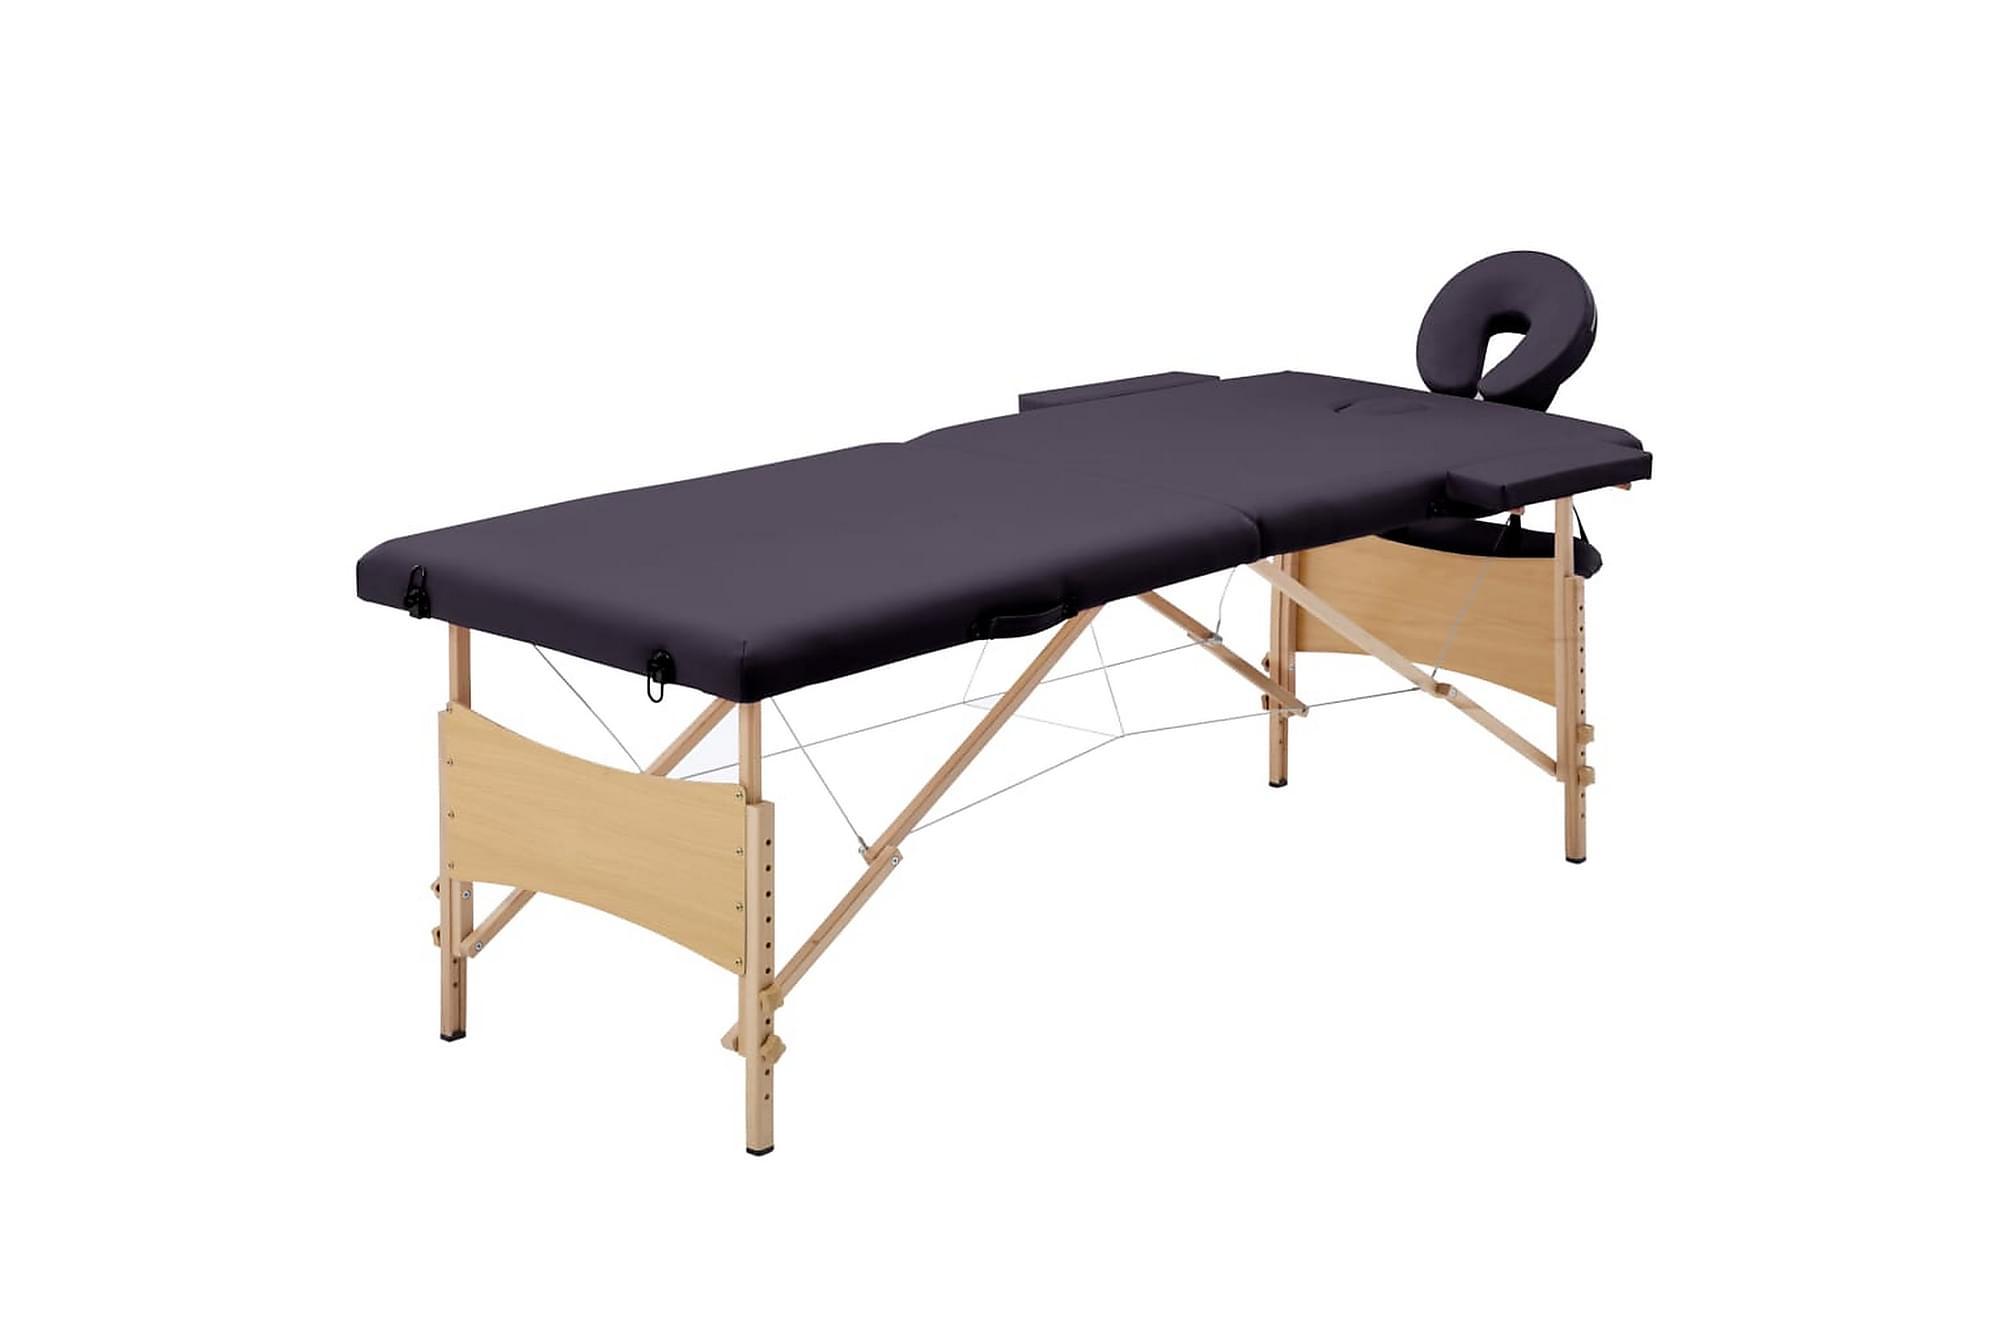 Hopfällbar massagebänk 2 sektioner trä mörklila, Massagebord